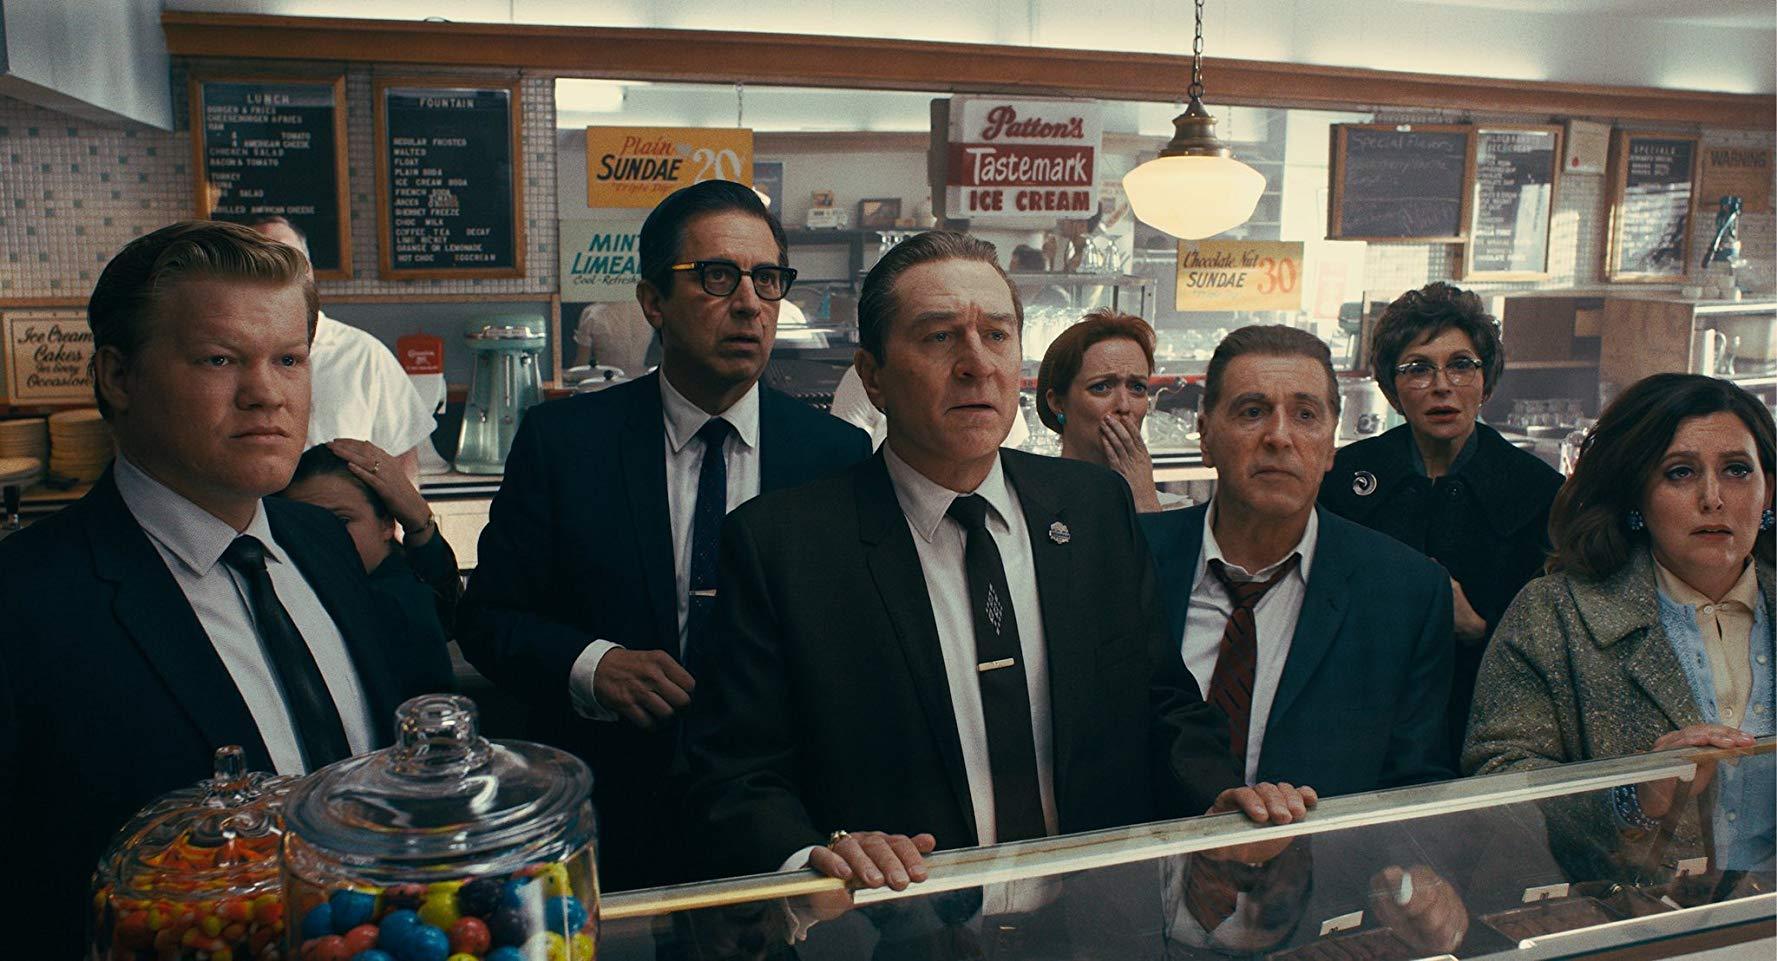 Still from movie The Irishman